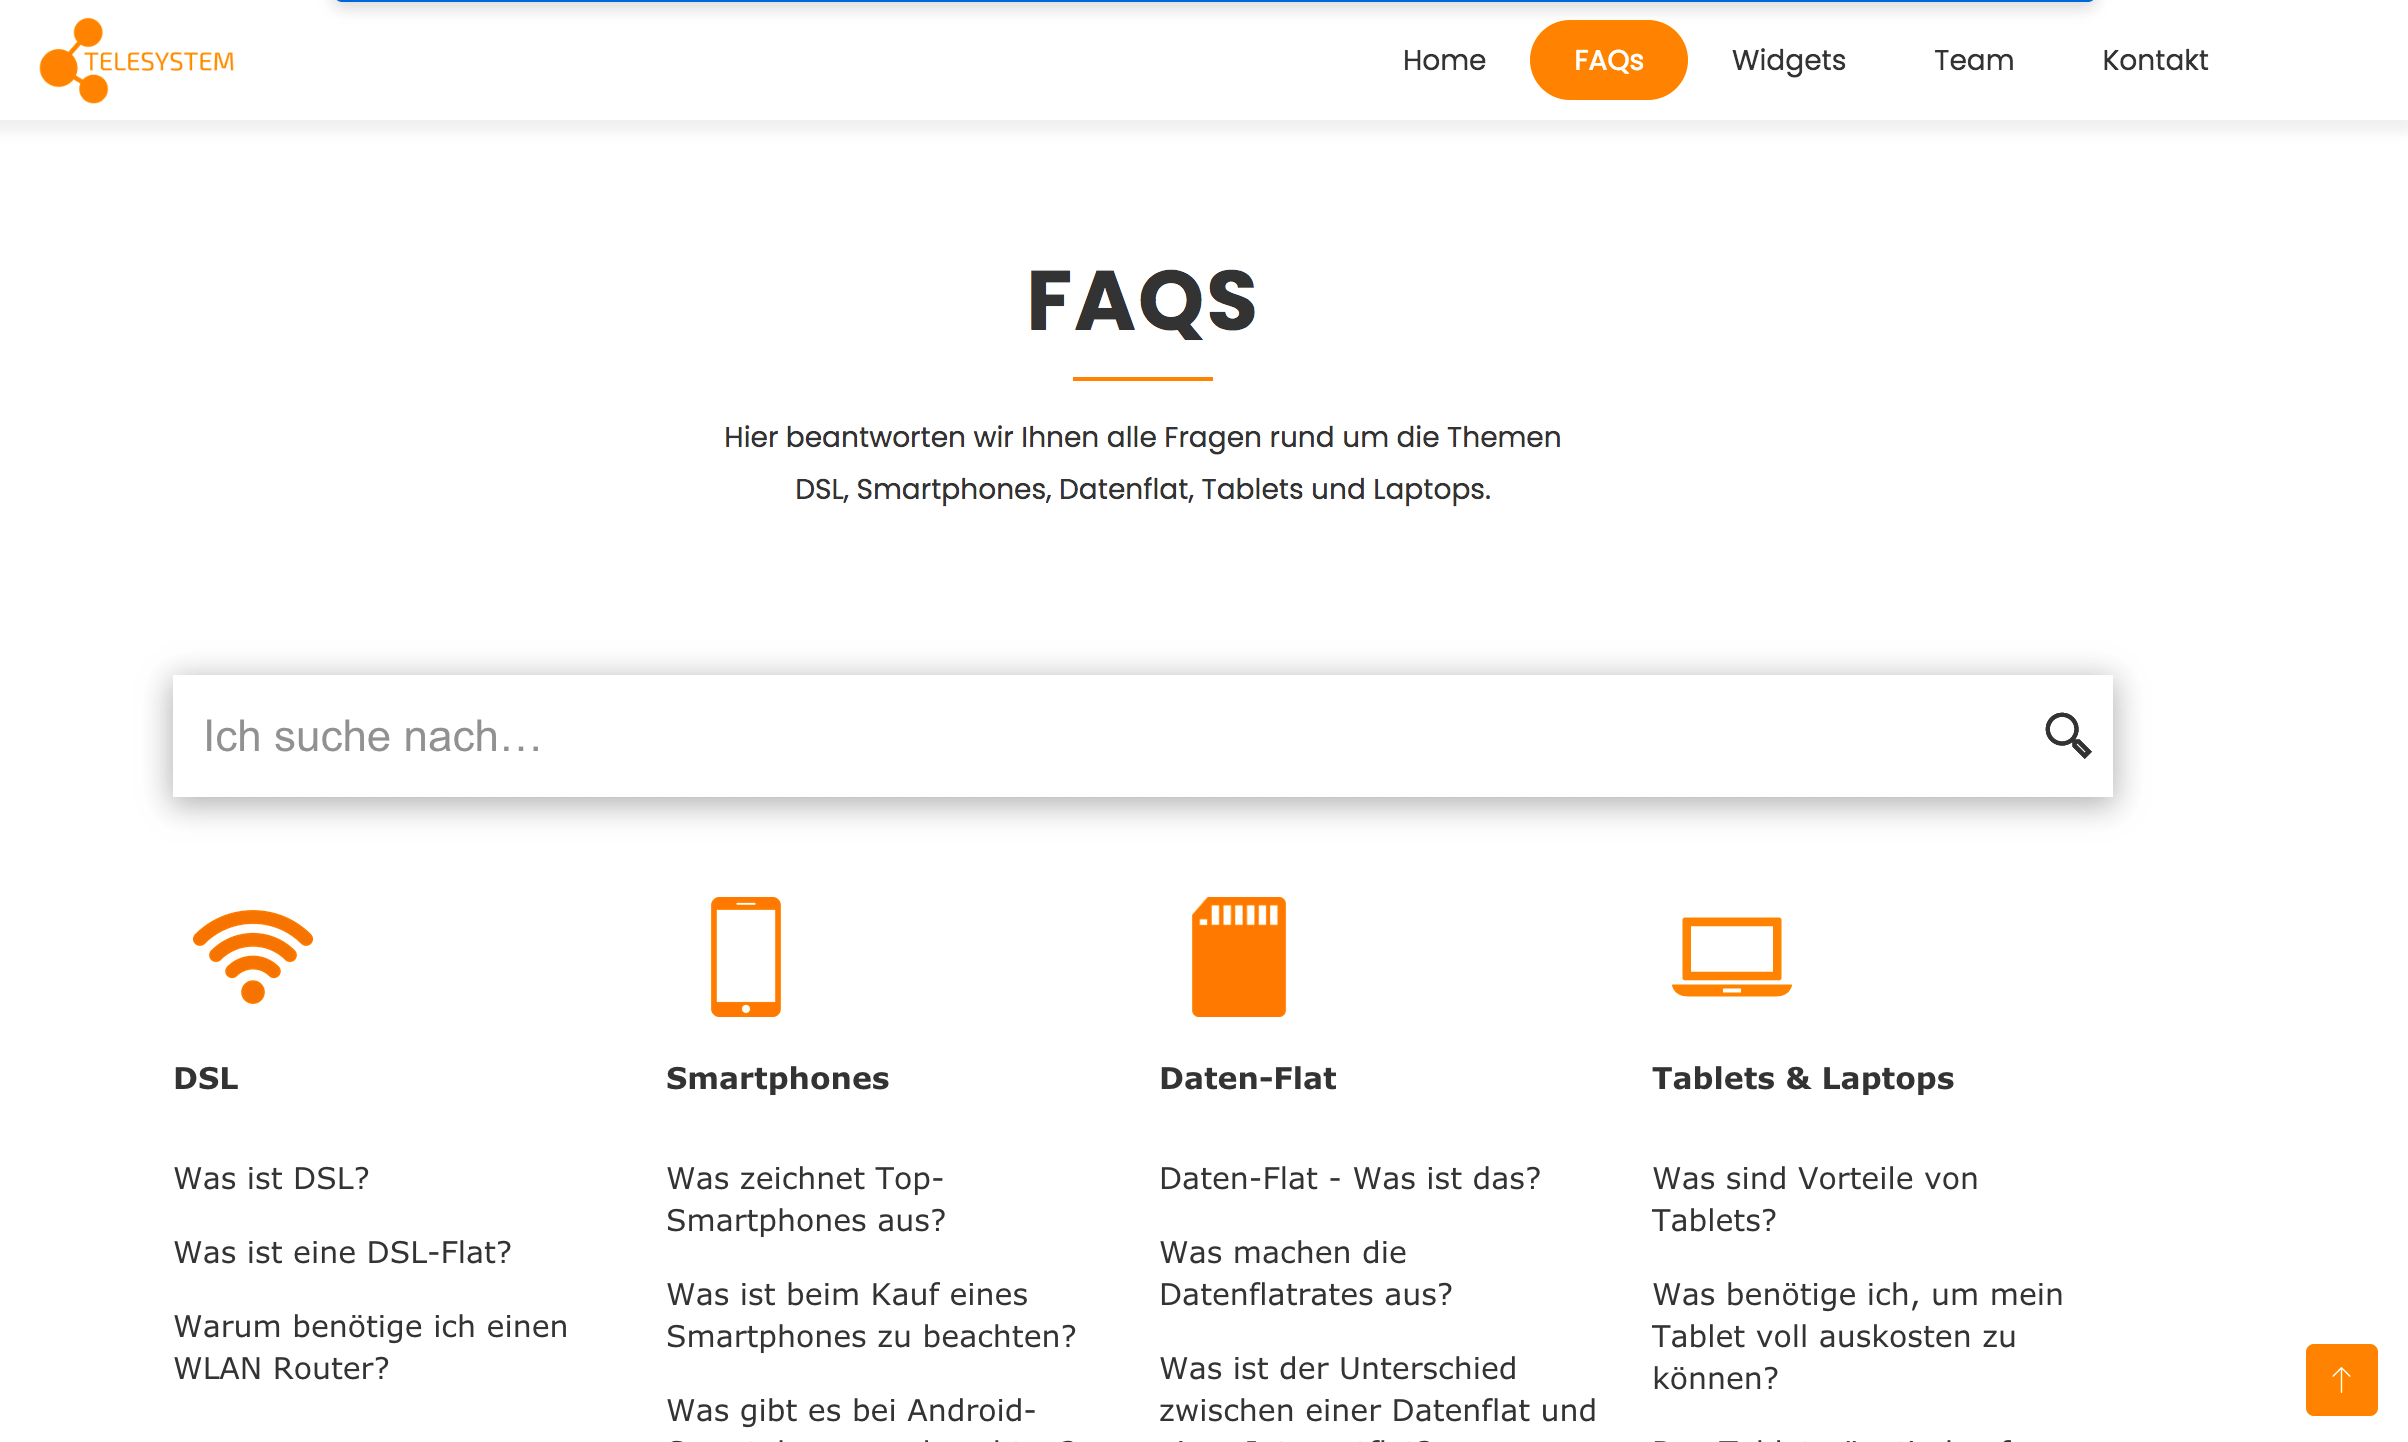 Online Suche